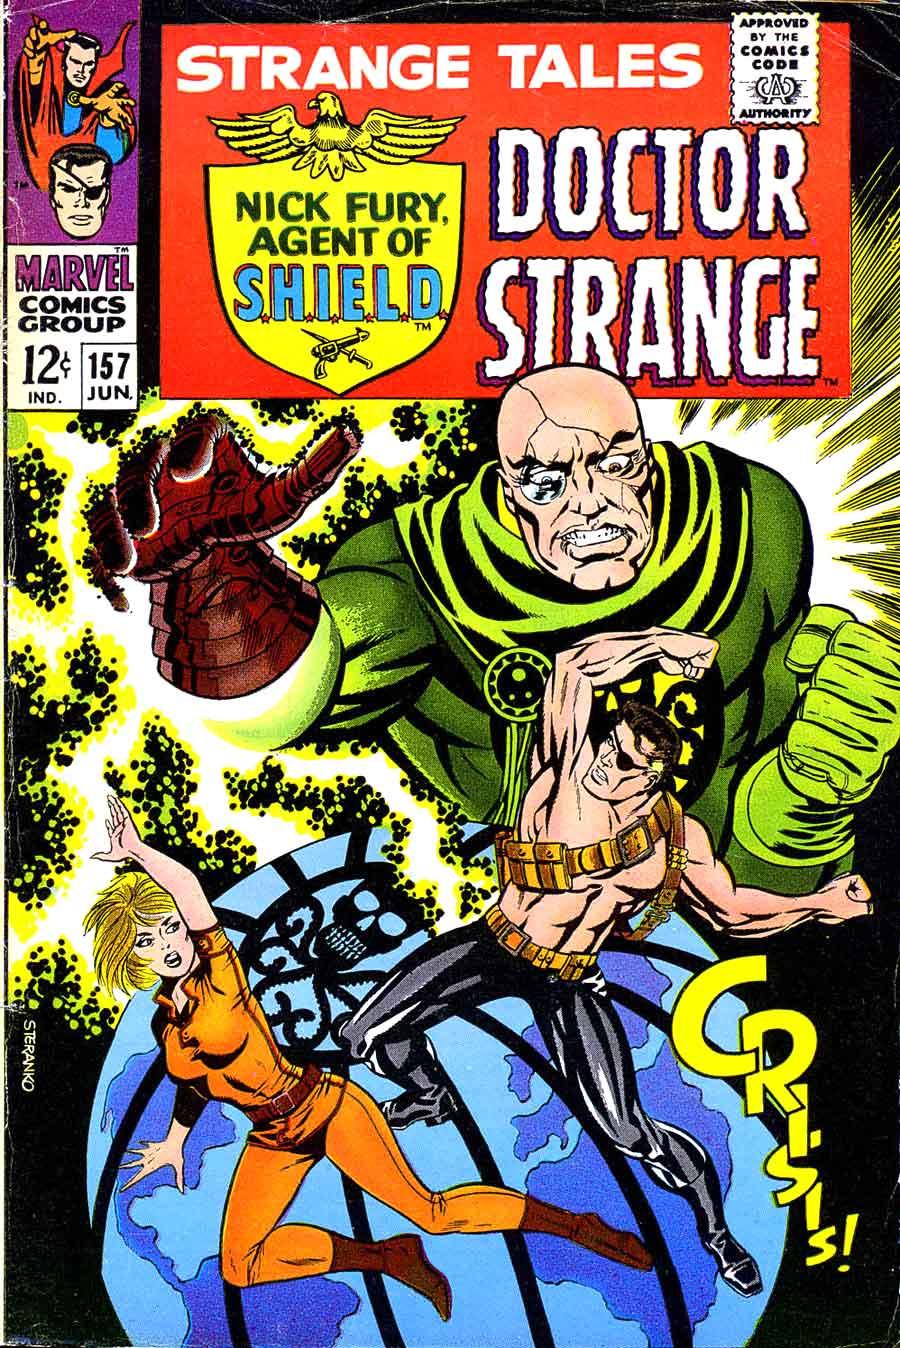 Strange Tales v1 #157 nick fury shield comic book cover art by Jim Steranko